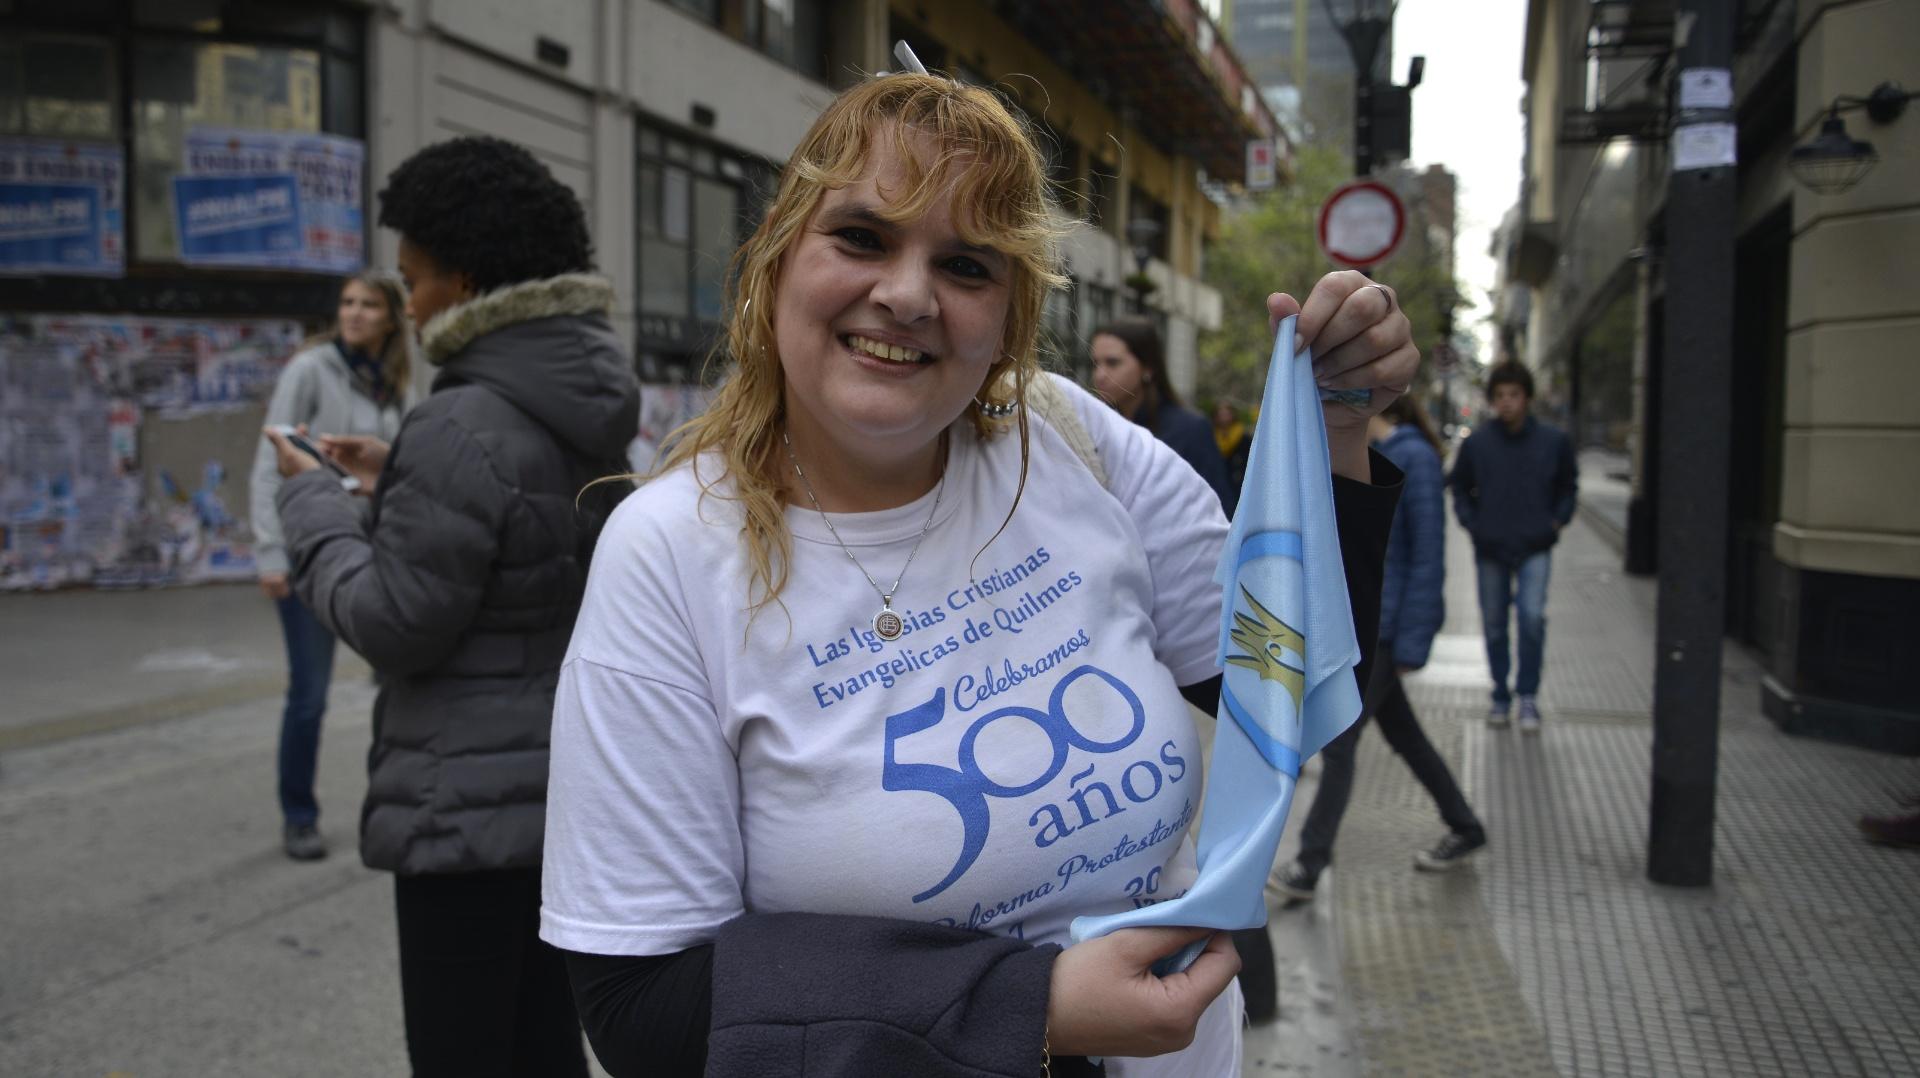 El hashtag #MarchaPorLaVida fue tendencia en Argentina durante la movilización